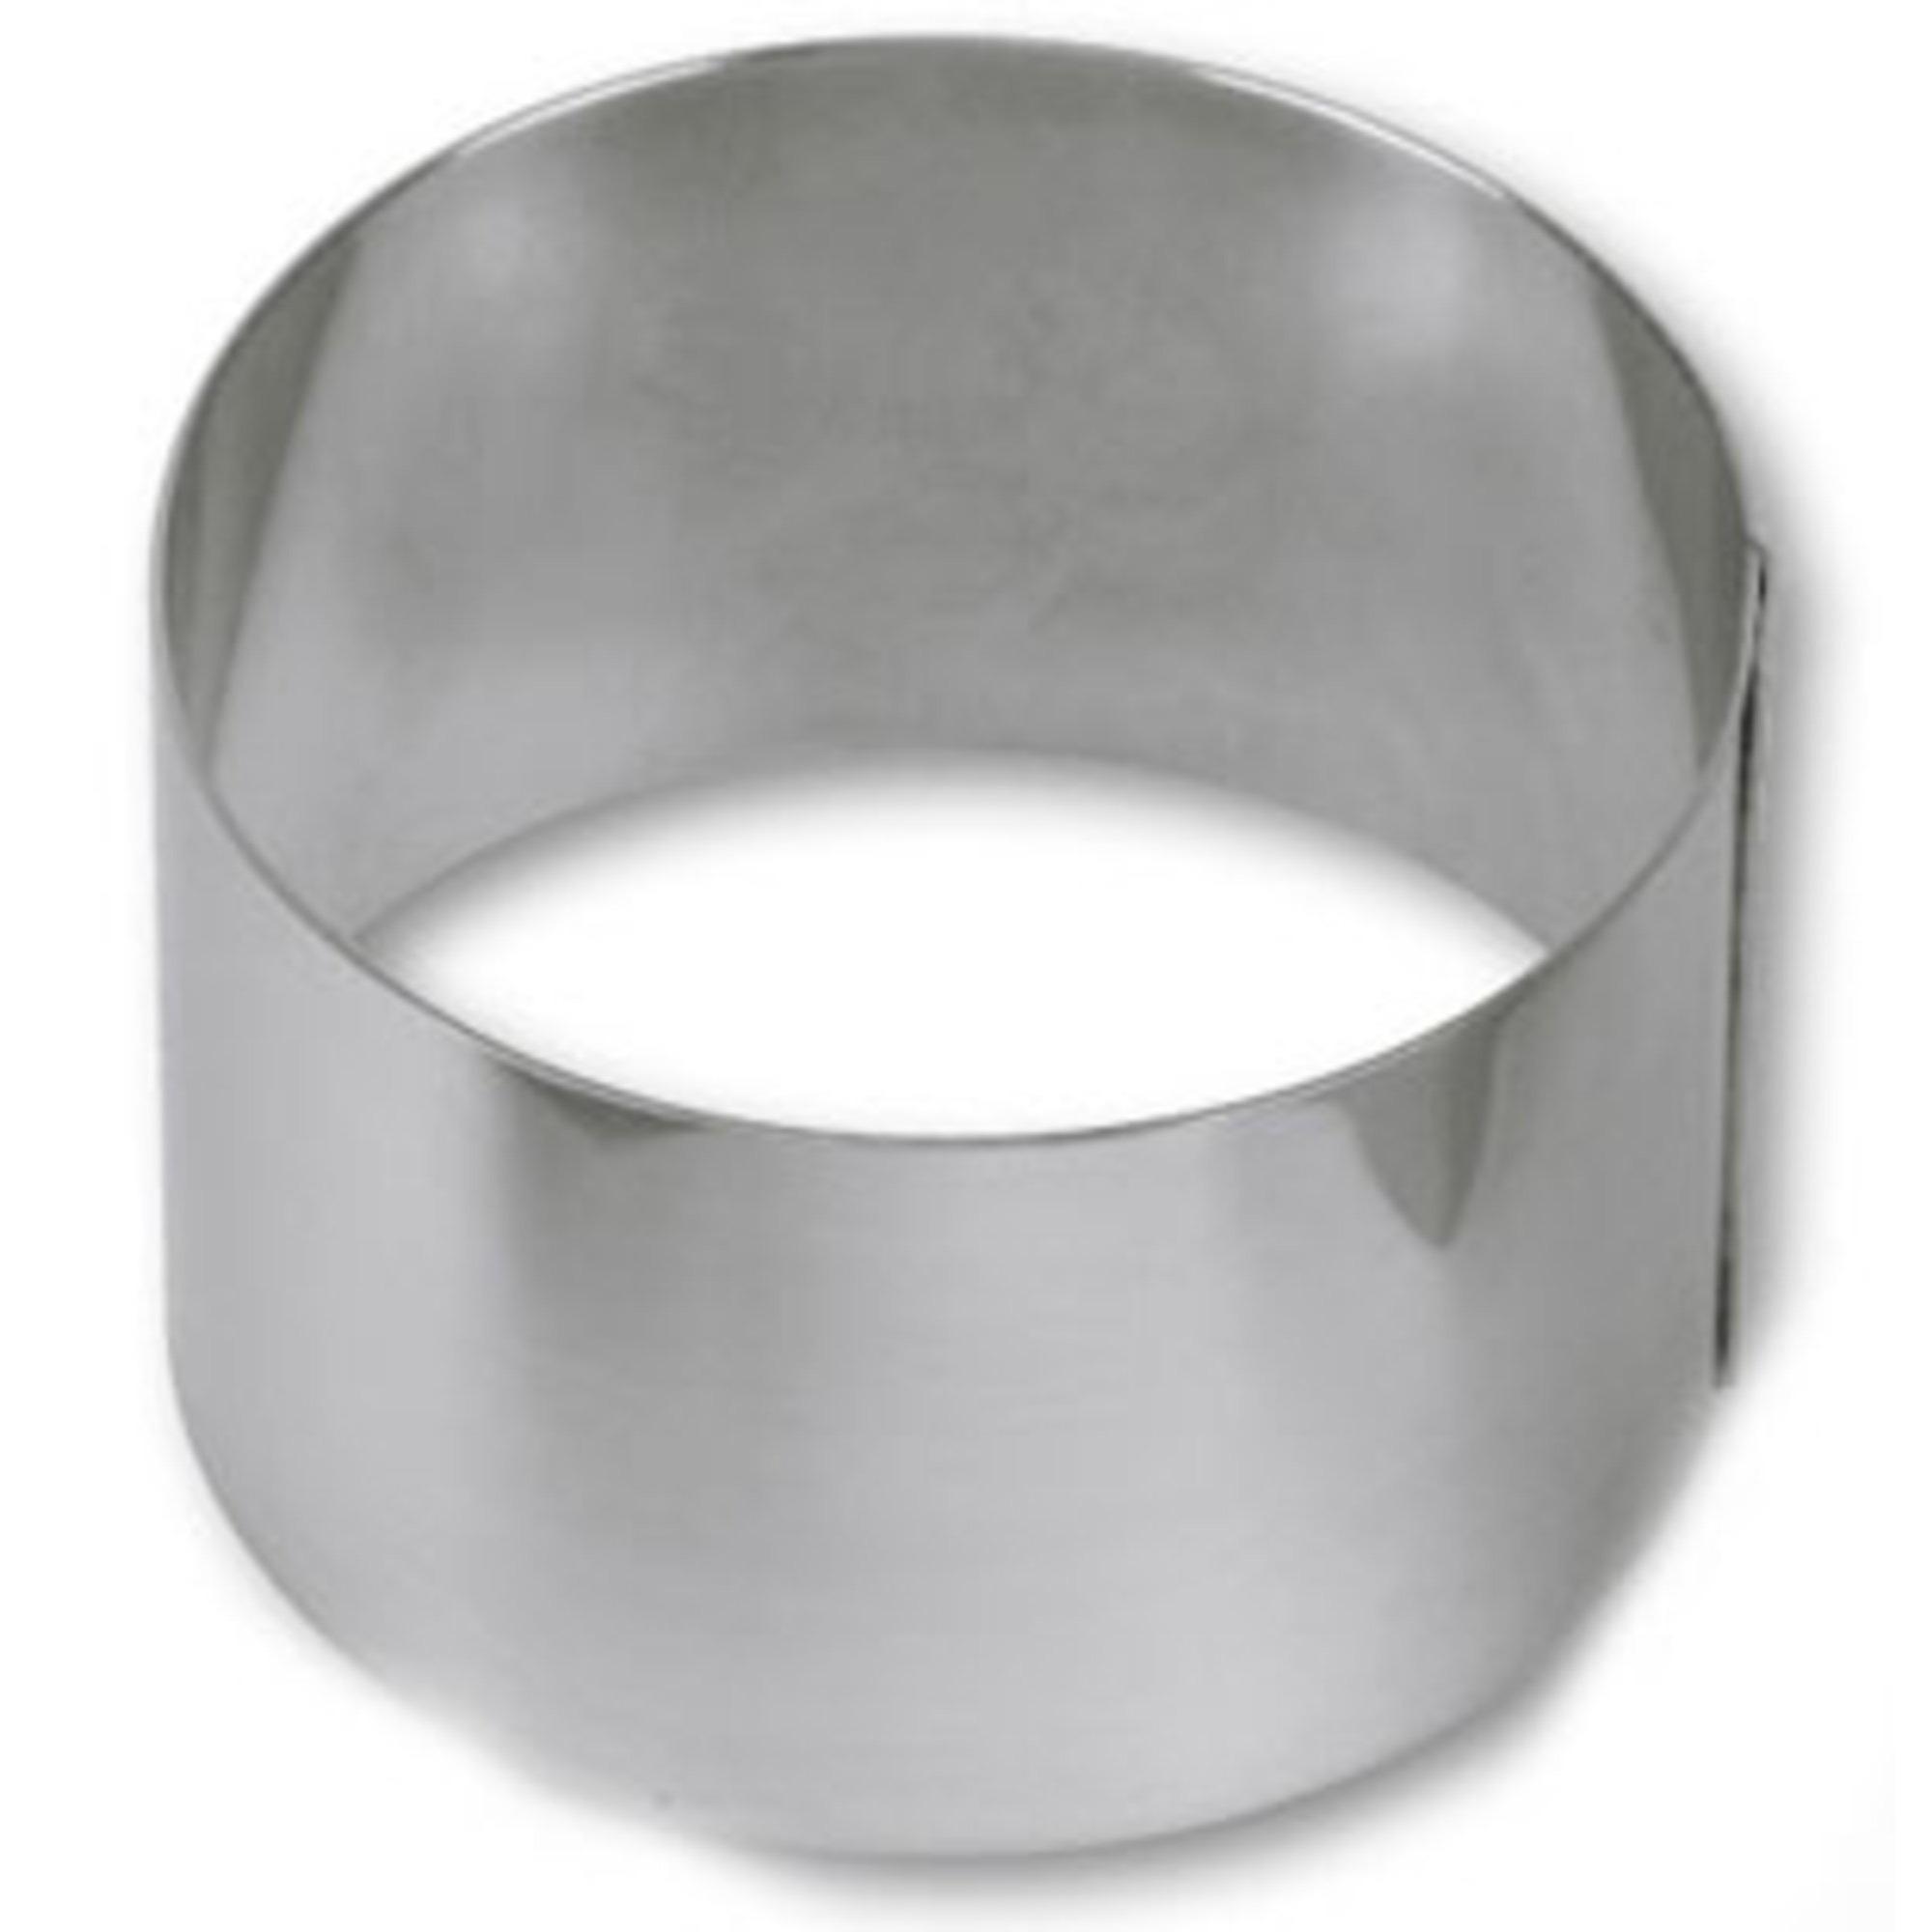 Städter Utstickare Rund stål D: 8 cm H: 6 cm